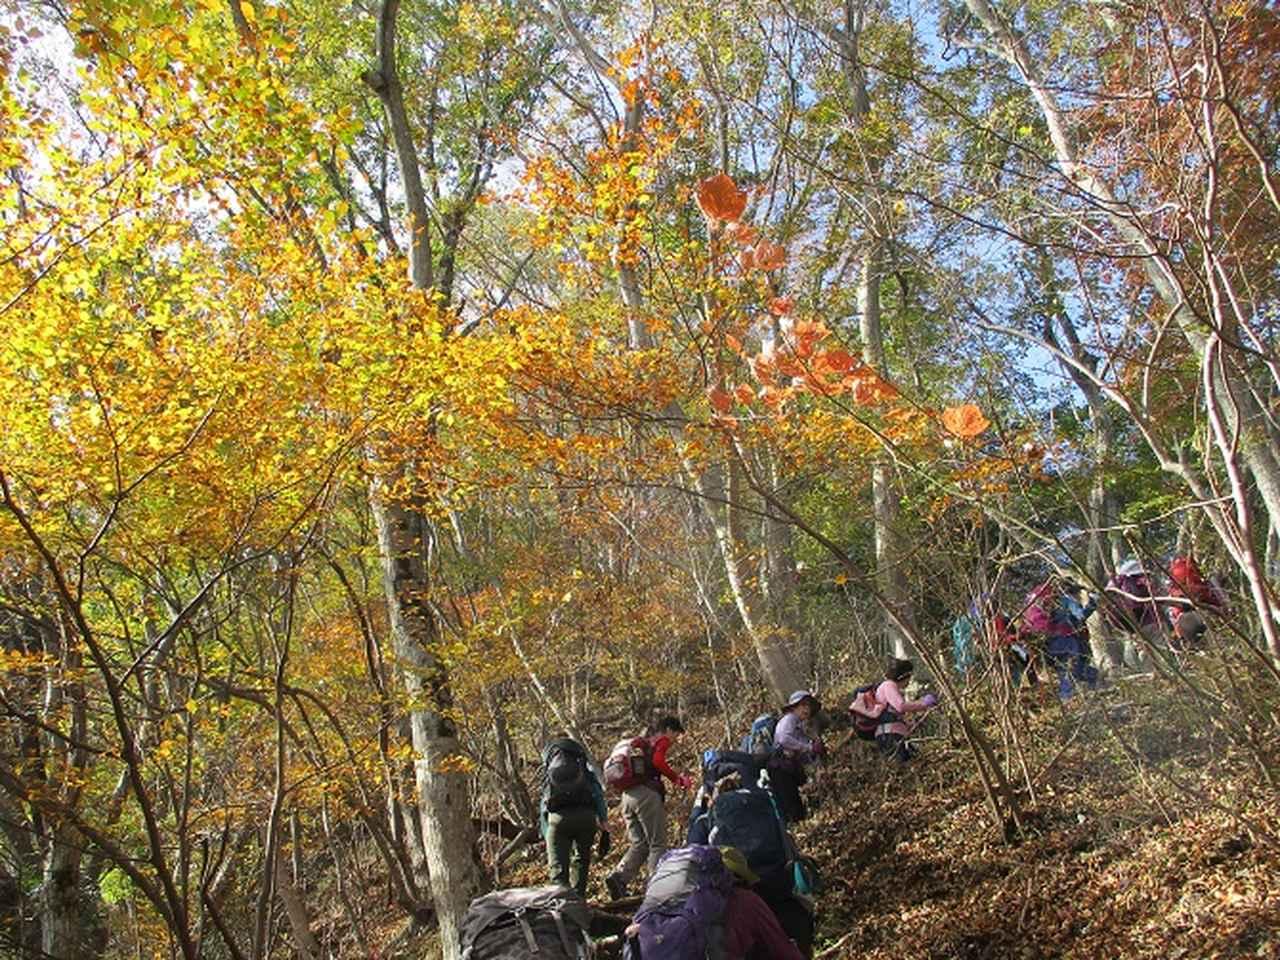 画像4: 【山旅会・登山ガイドこだわりツアー】添乗員からの便り矢倉岳ツアーにいってまいりました!